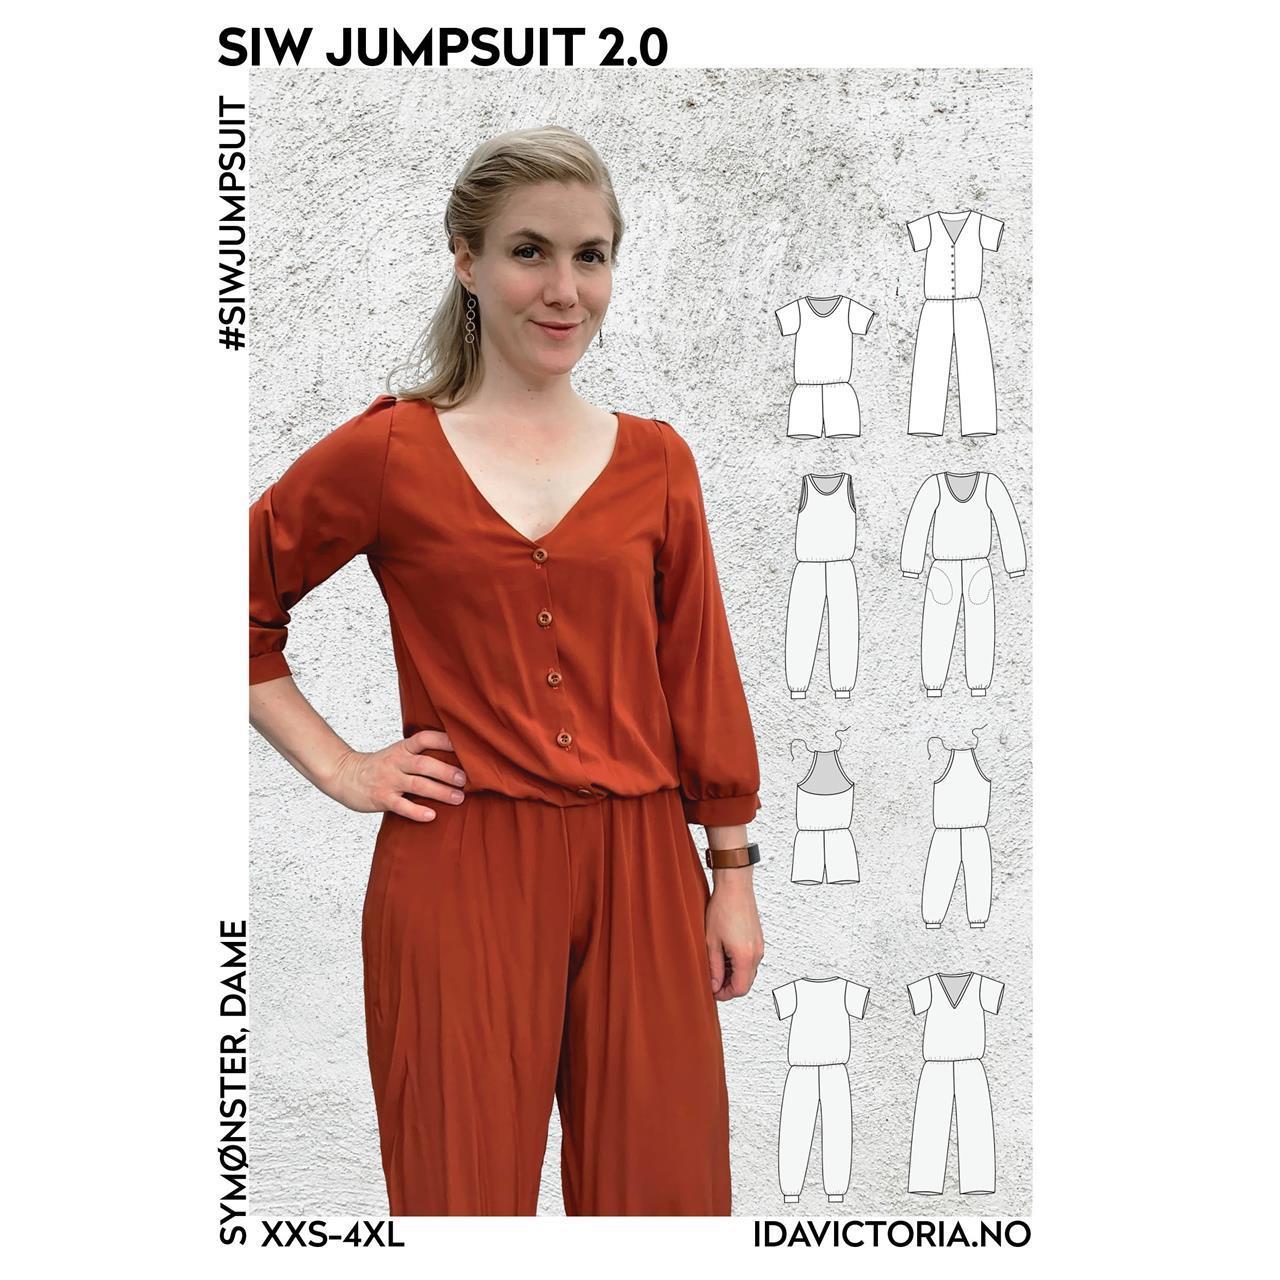 Siw jumpsuit 2.0